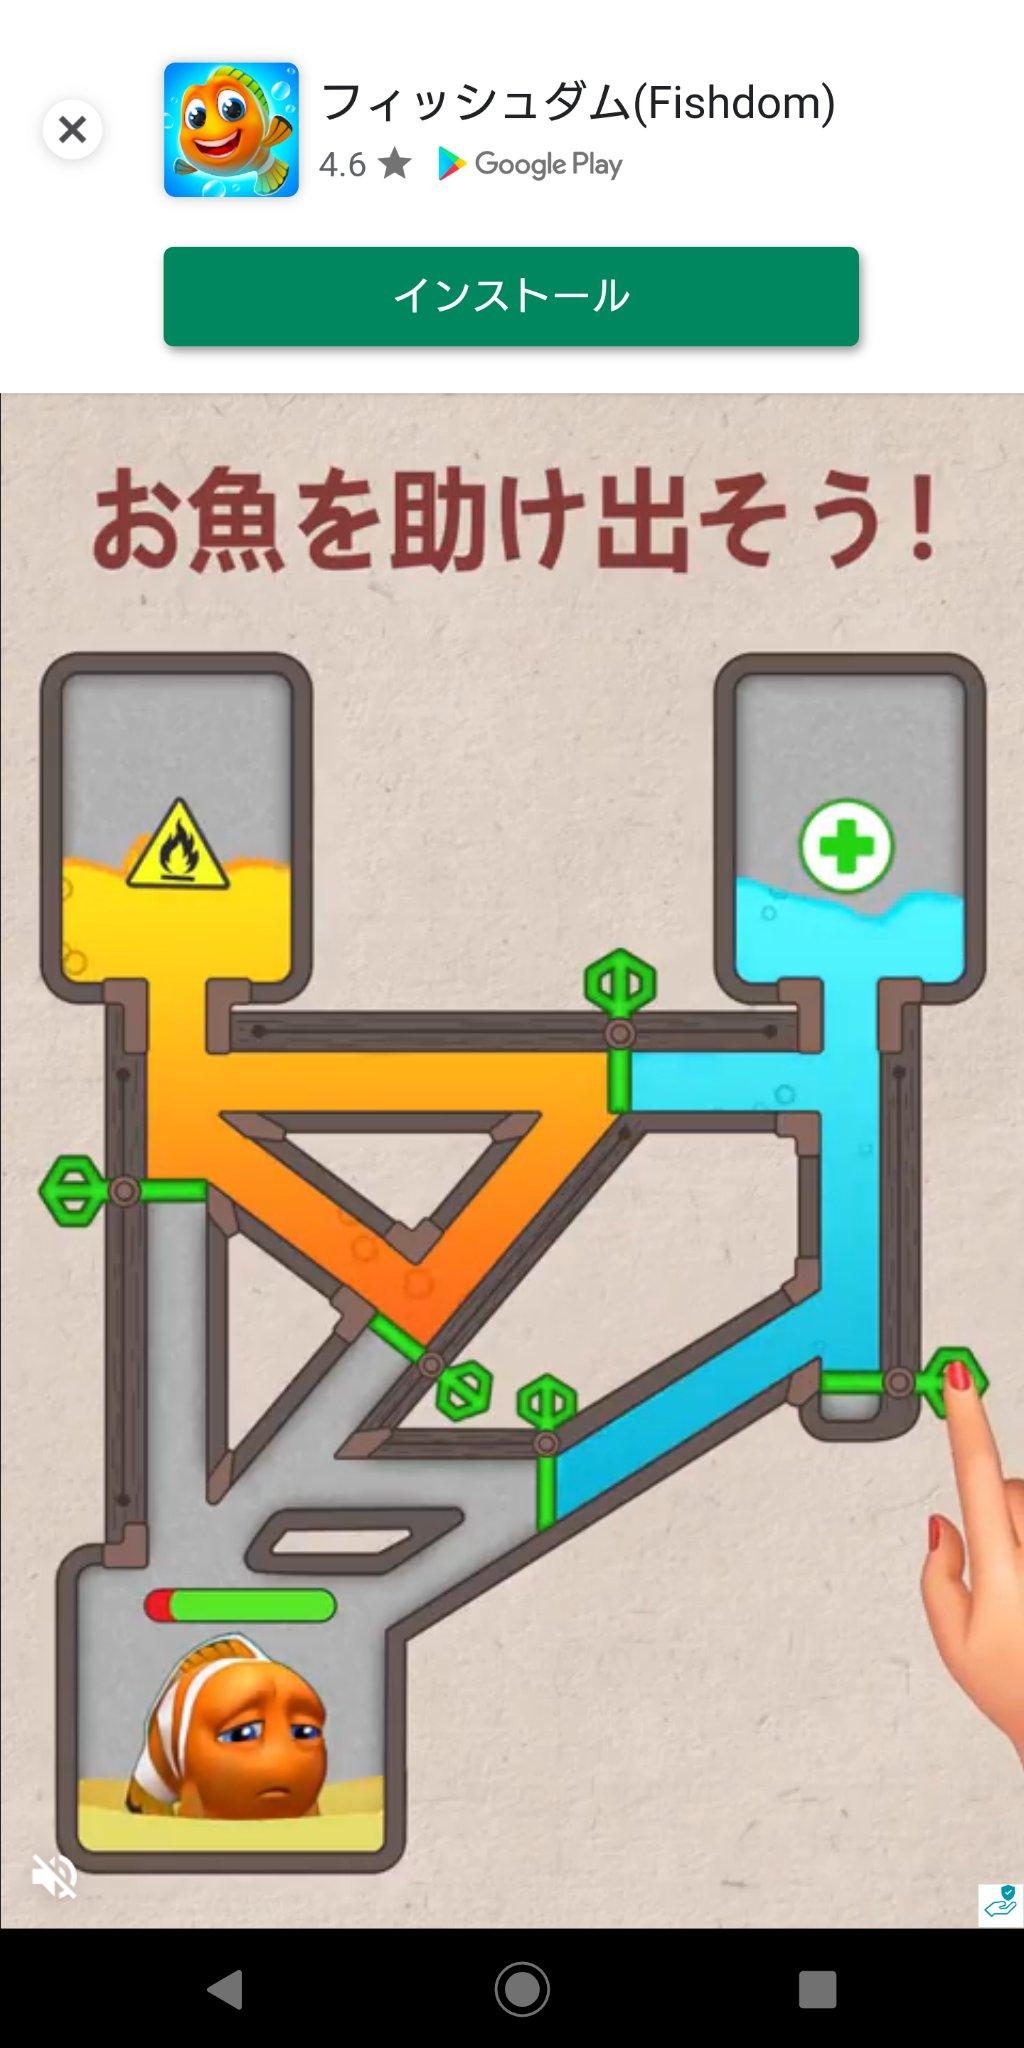 フィッシュ ダム ゲーム